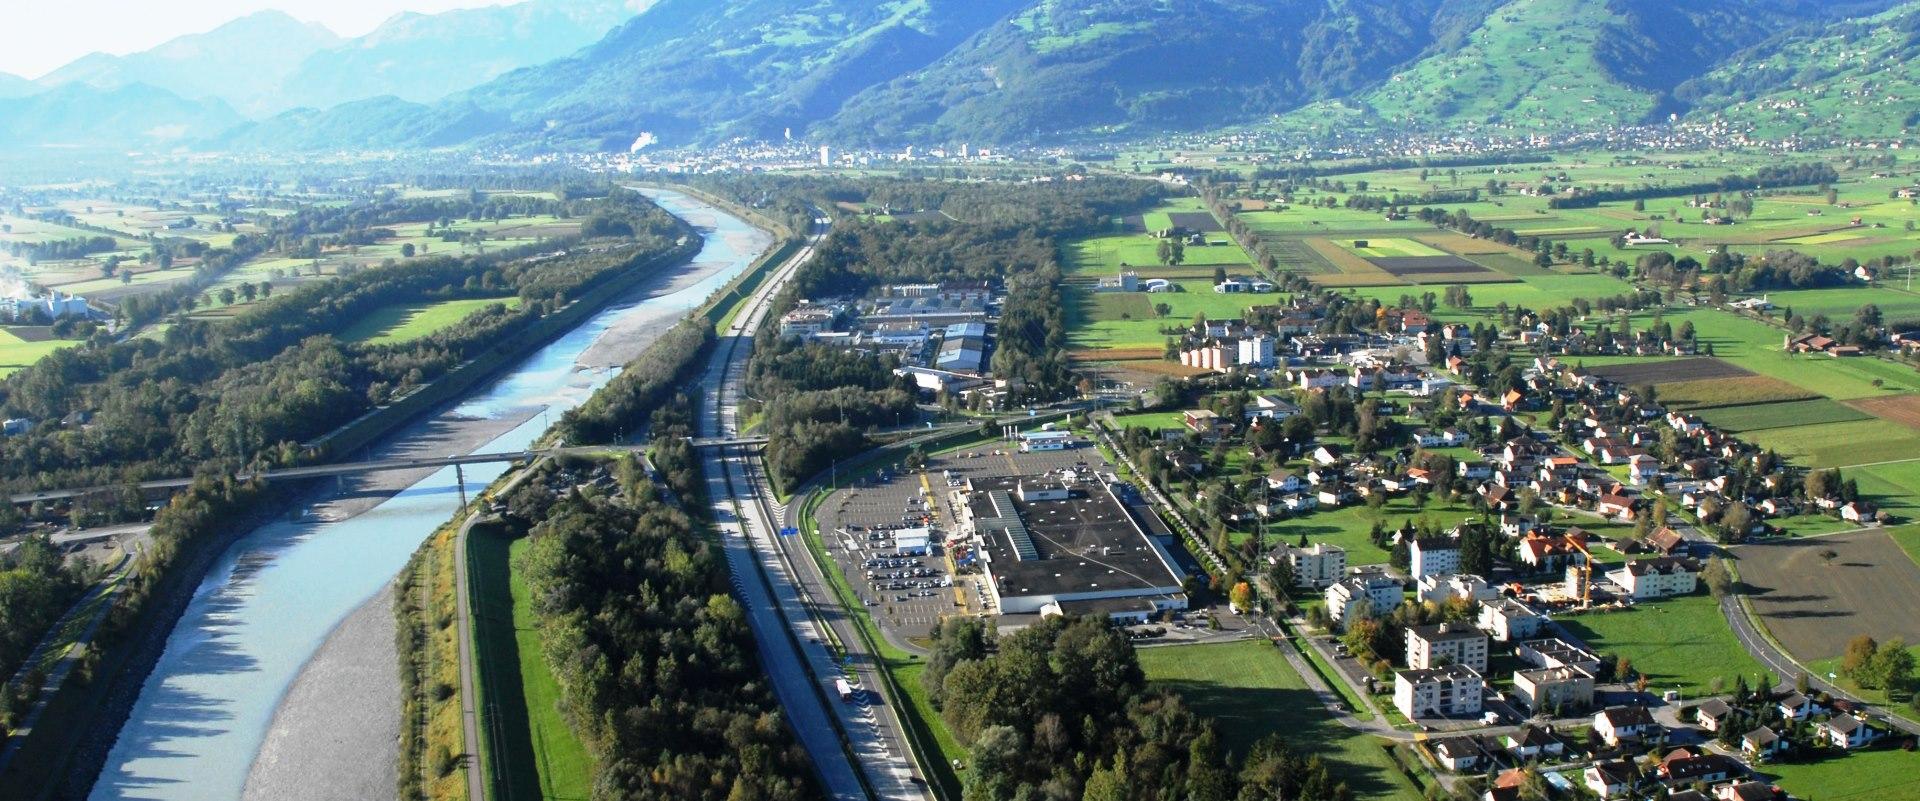 Ersatzbiotope «Wisenfurt» (Buchs-Sennwald SG) und «Afrika» (Buchs SG) für Rodungen wegen des Baus der Nationalstrasse N13 im Bereich Trübbach-Haag